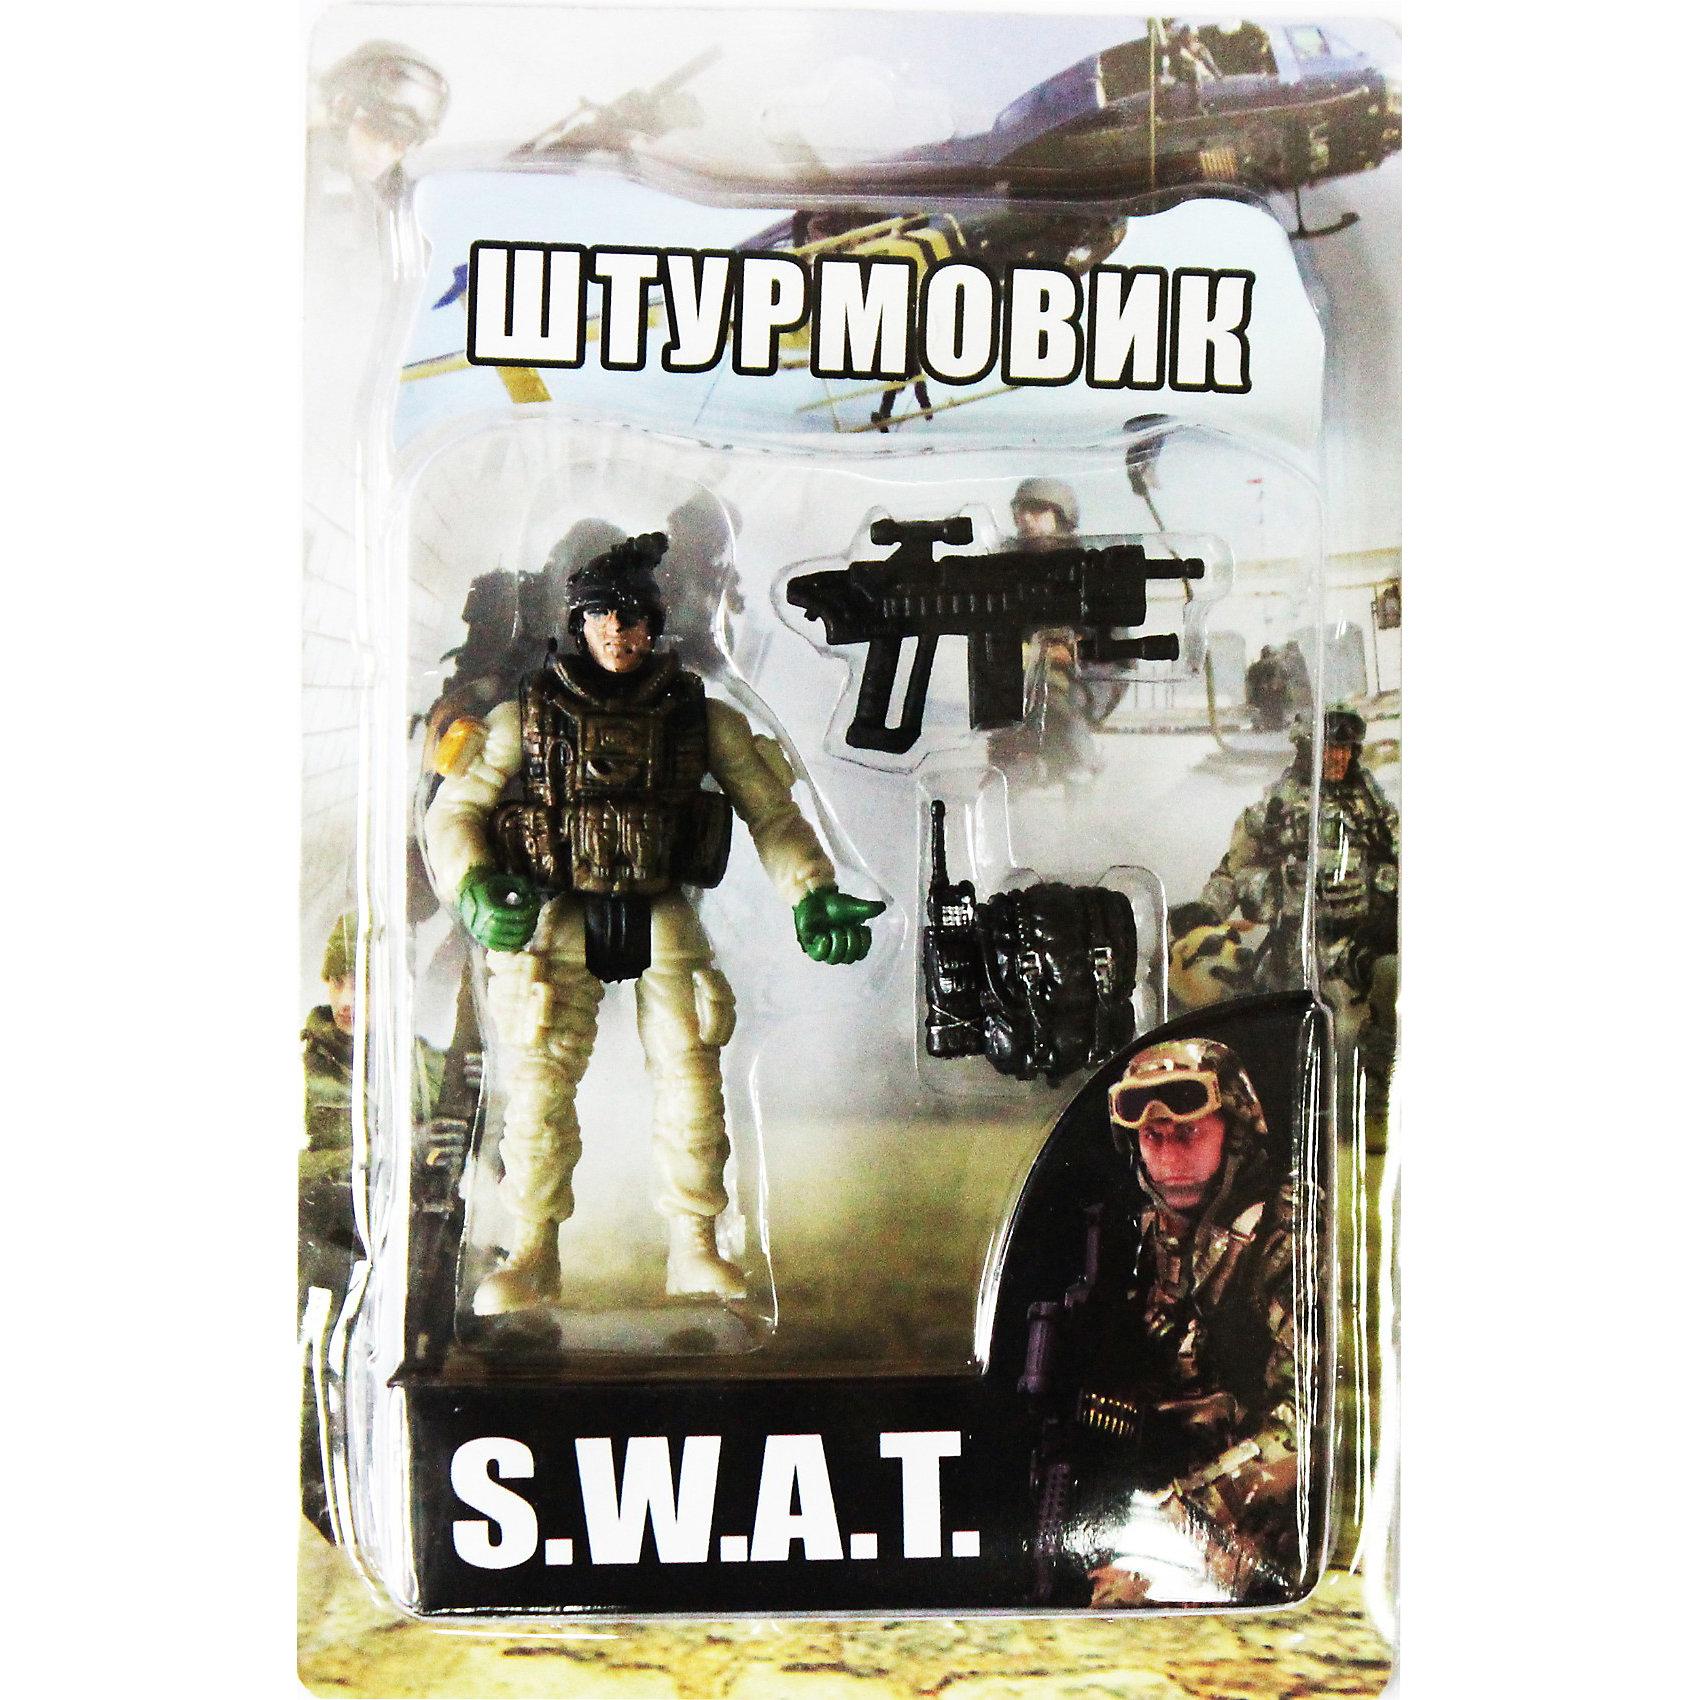 Фигурка Штурмовик. Отряд SWATСолдатики и рыцари<br>Все мальчишки любят играть в войн и солдатиков, а когда это бойцы спецподразделения SWAT (Special Weapons and Tactics), игра становится еще более интересной. Цель бойцов спецназа - обеспечение огневой мощи в ходе специальных операций в ситуациях, характеризующихся высокой степенью риска, где специальная тактика необходима для минимизации потерь.<br>Штурмовик во время боя играет очень важную роль, которая заключается в обеспечении своих братьев по оружию патронами. Он может пополнять амуницию при помощи своего специального ящика, находящийся постоянно при нем.<br><br>Дополнительная информация:<br><br>- высота: около 10 см<br>- у фигурки подвижные руки и ноги<br>- размер упаковки: 14 х 20 х 4 см<br>- материал: пластик<br>- в комплекте аксессуары: рюкзак и автомат<br><br>Фигурку  Штурмовика. Отряд SWAT  можно купить в нашем магазине.<br><br>Ширина мм: 40<br>Глубина мм: 140<br>Высота мм: 200<br>Вес г: 200<br>Возраст от месяцев: 36<br>Возраст до месяцев: 120<br>Пол: Мужской<br>Возраст: Детский<br>SKU: 3730518